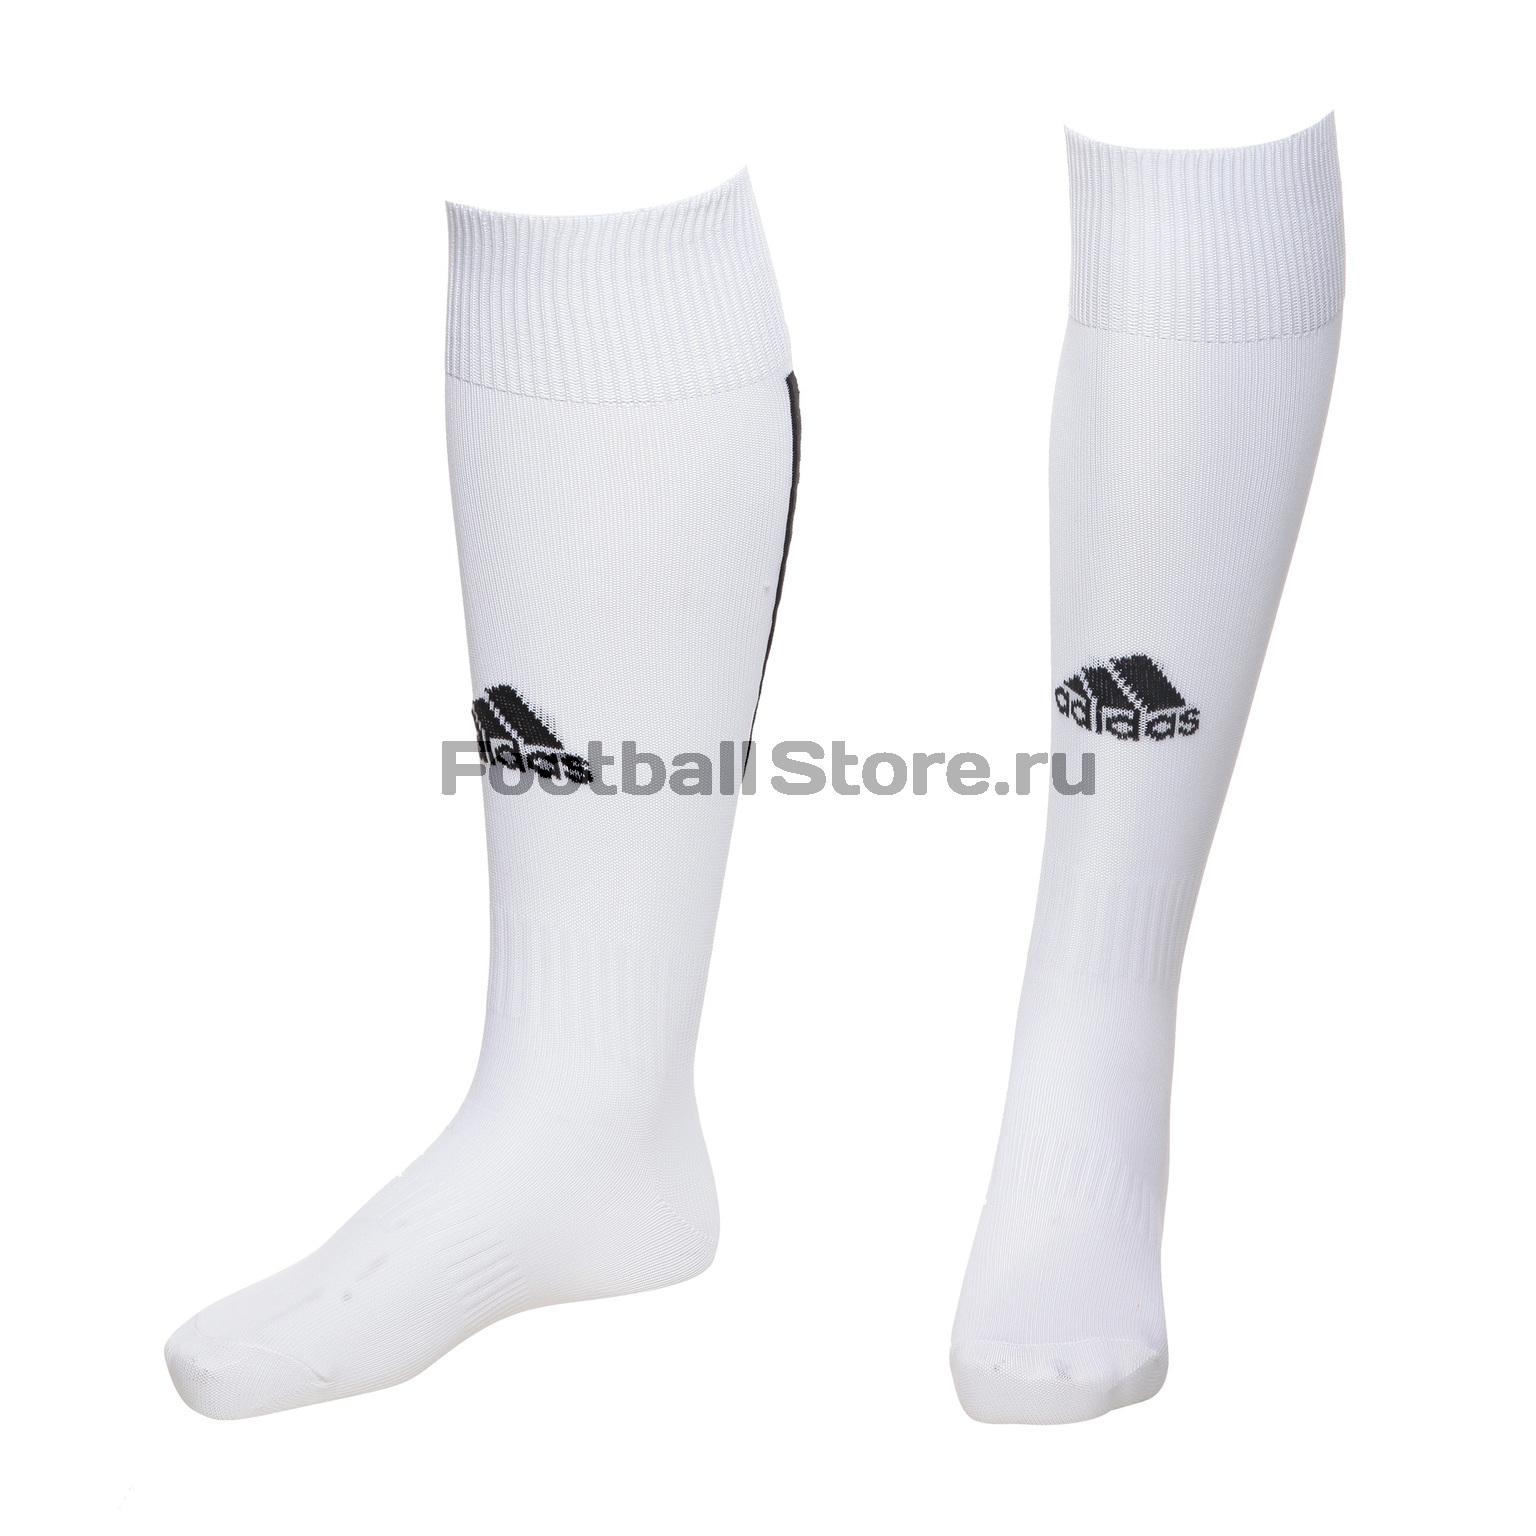 Гетры Adidas Santos Sock 18 CV8094